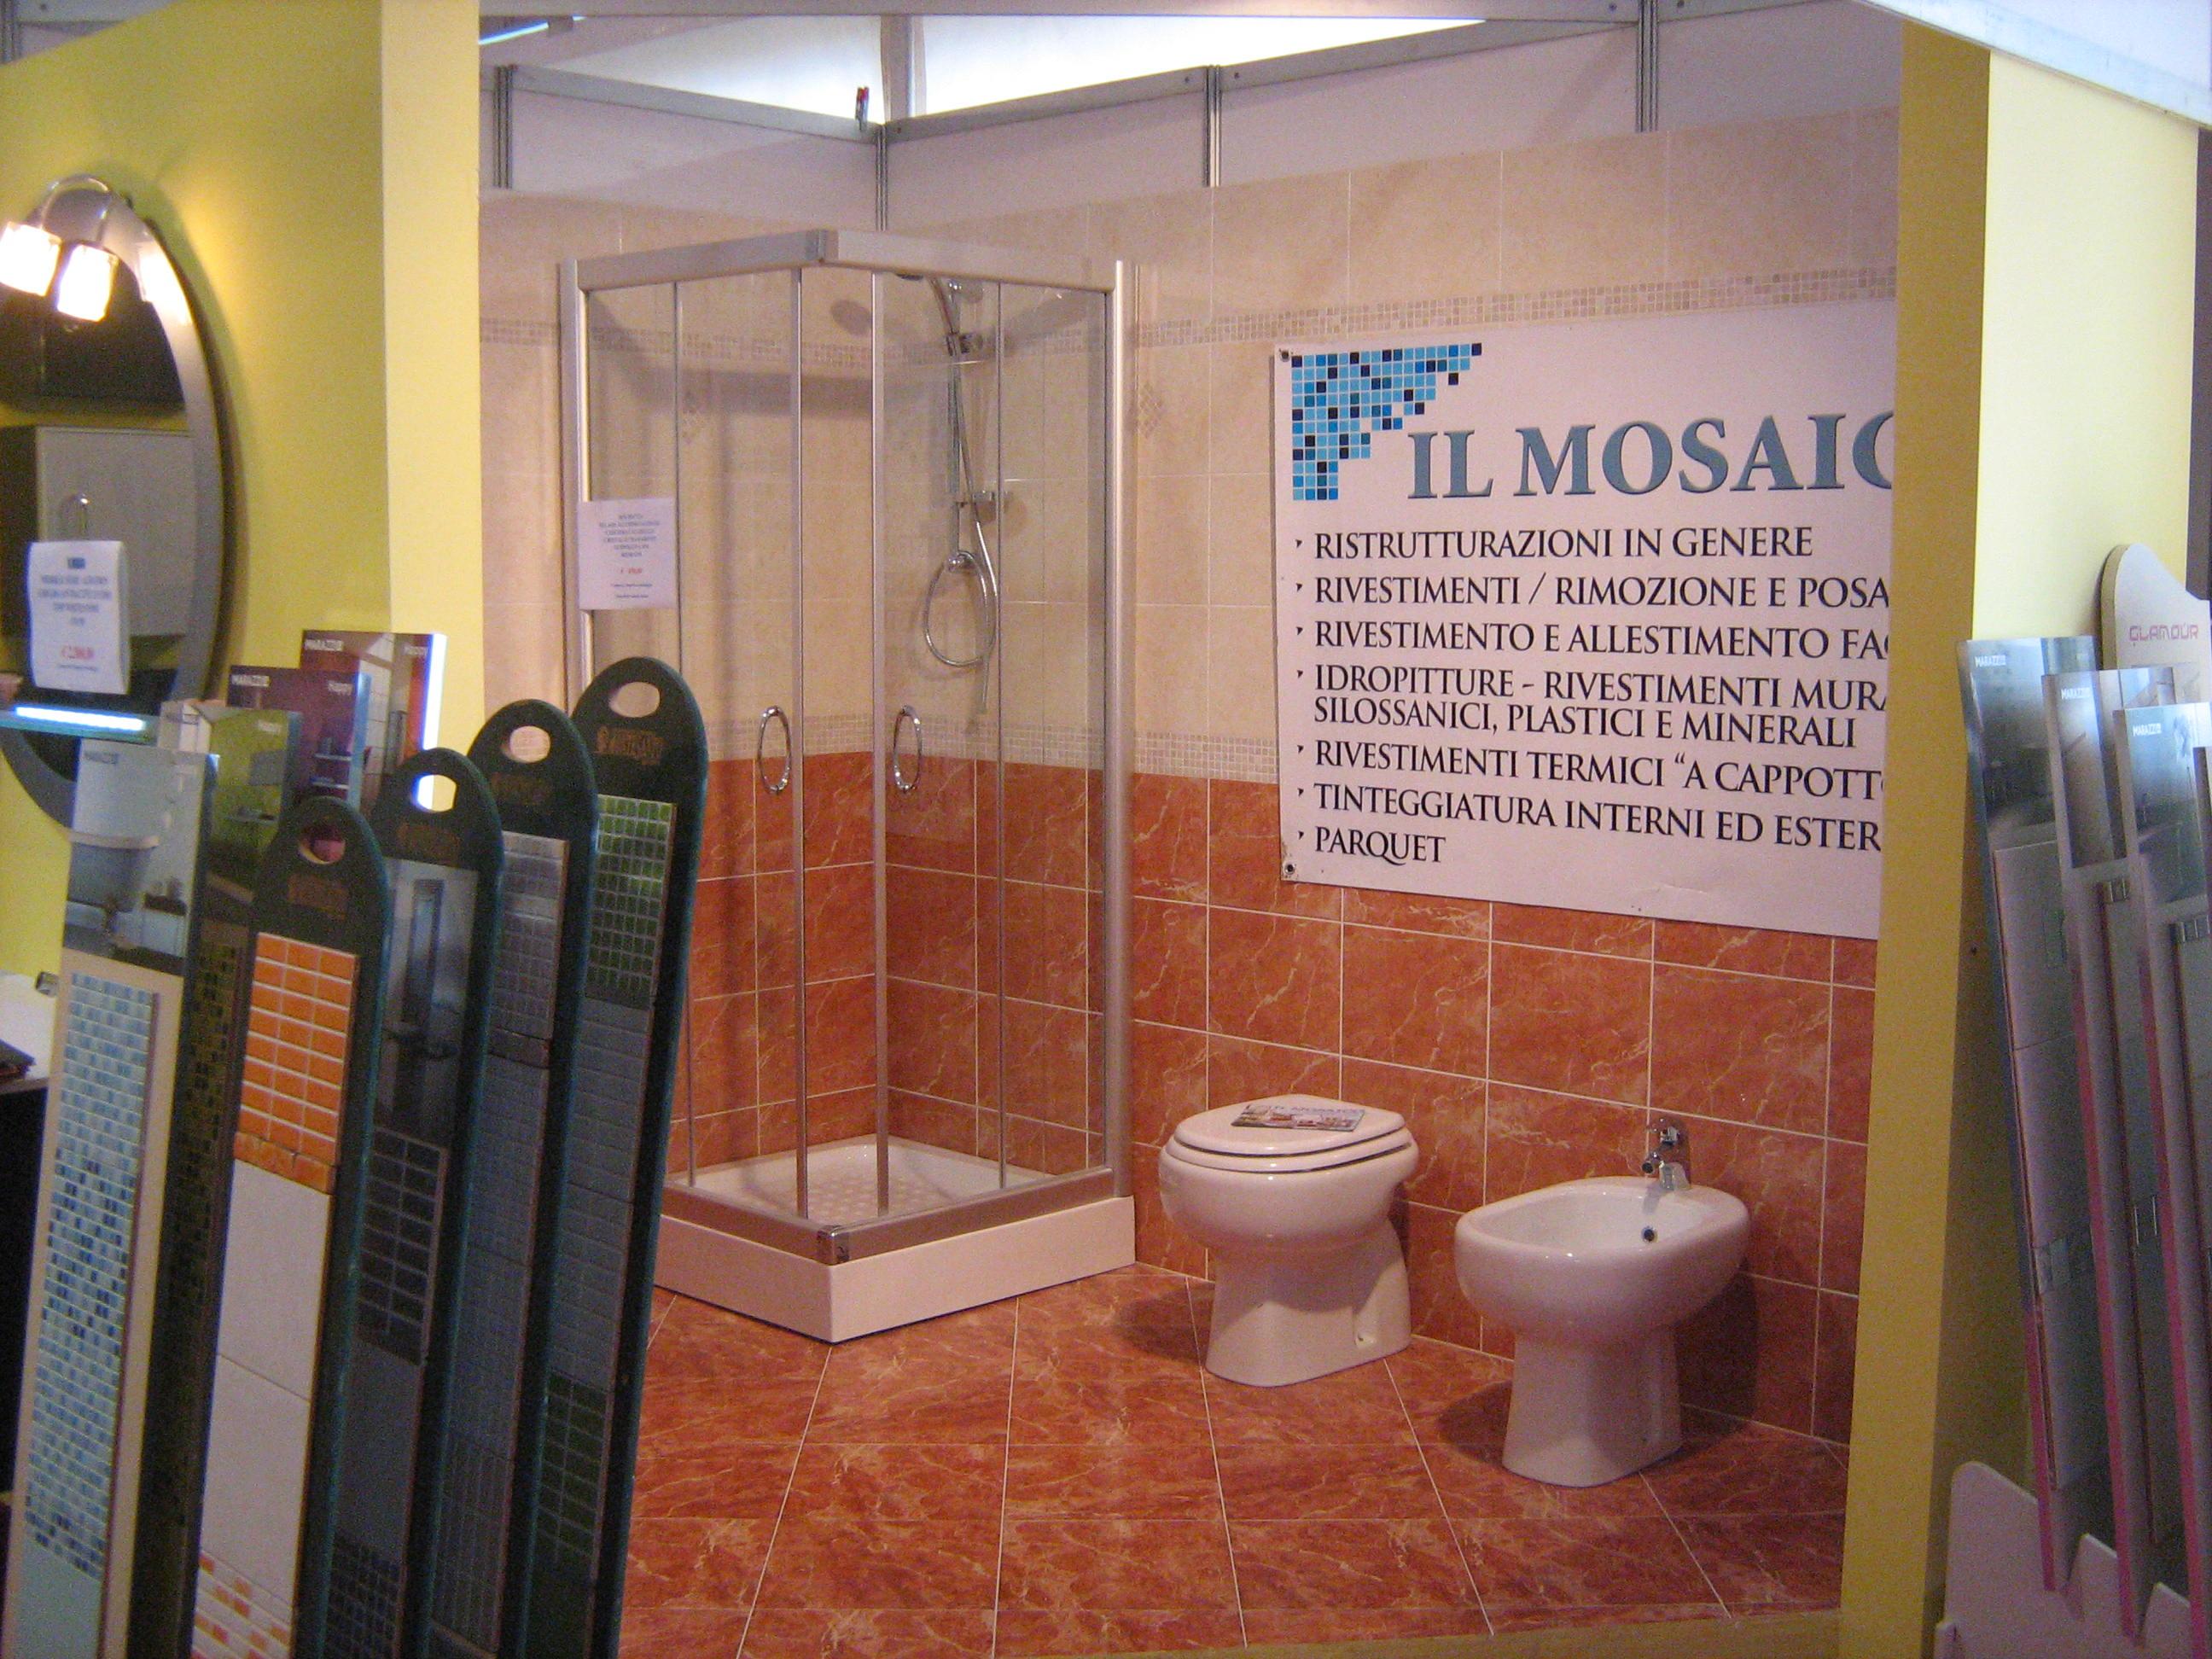 il mosaico a san vittore olona (mi) | pavimenti, rivestimenti ... - Arredo Bagno Parabiago